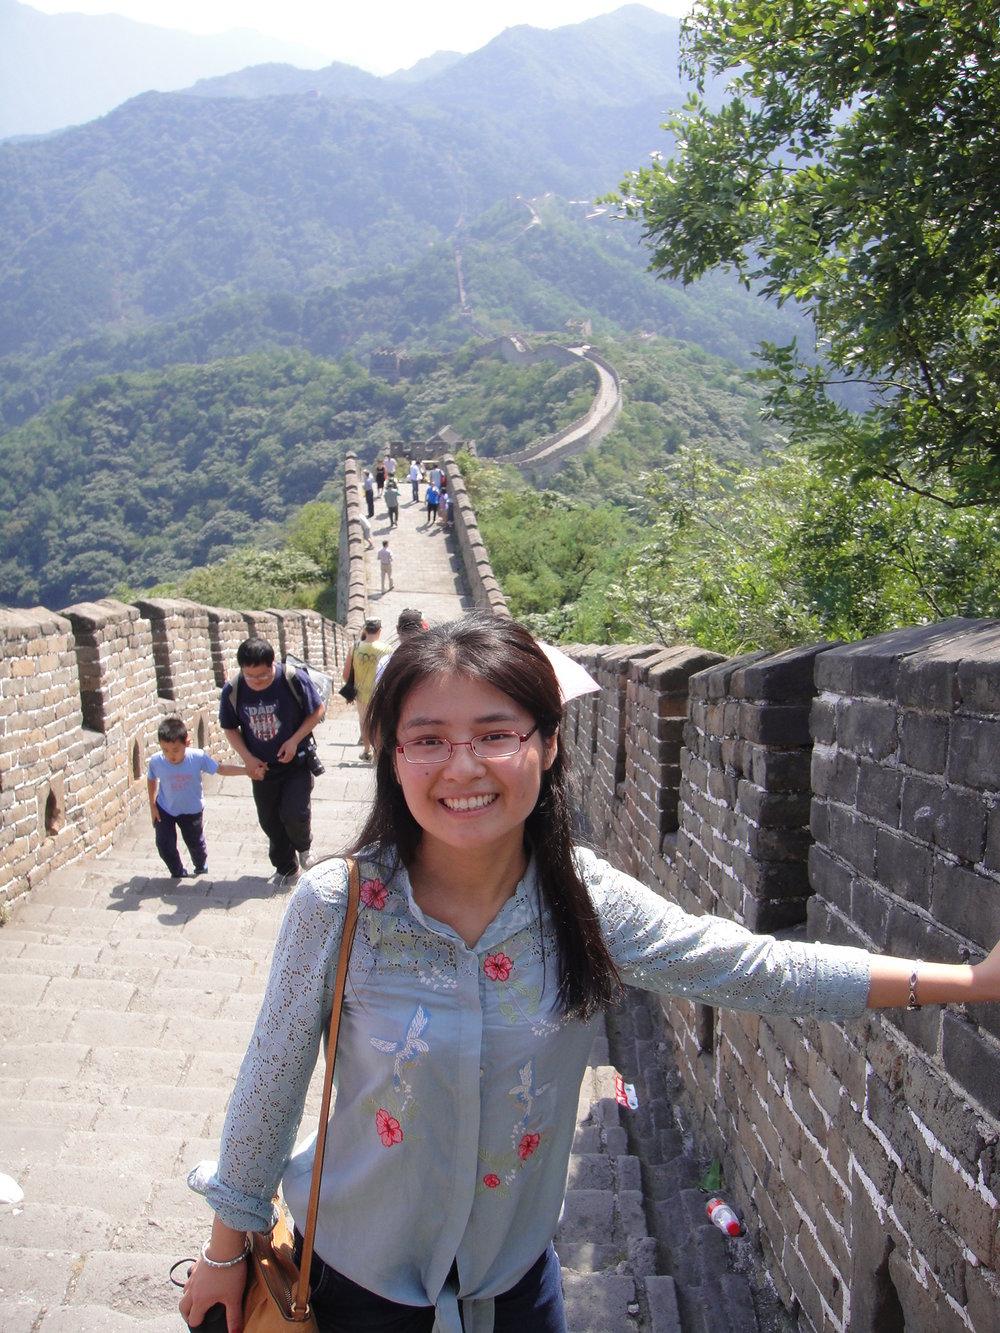 Yuting at the Great Wall of China.